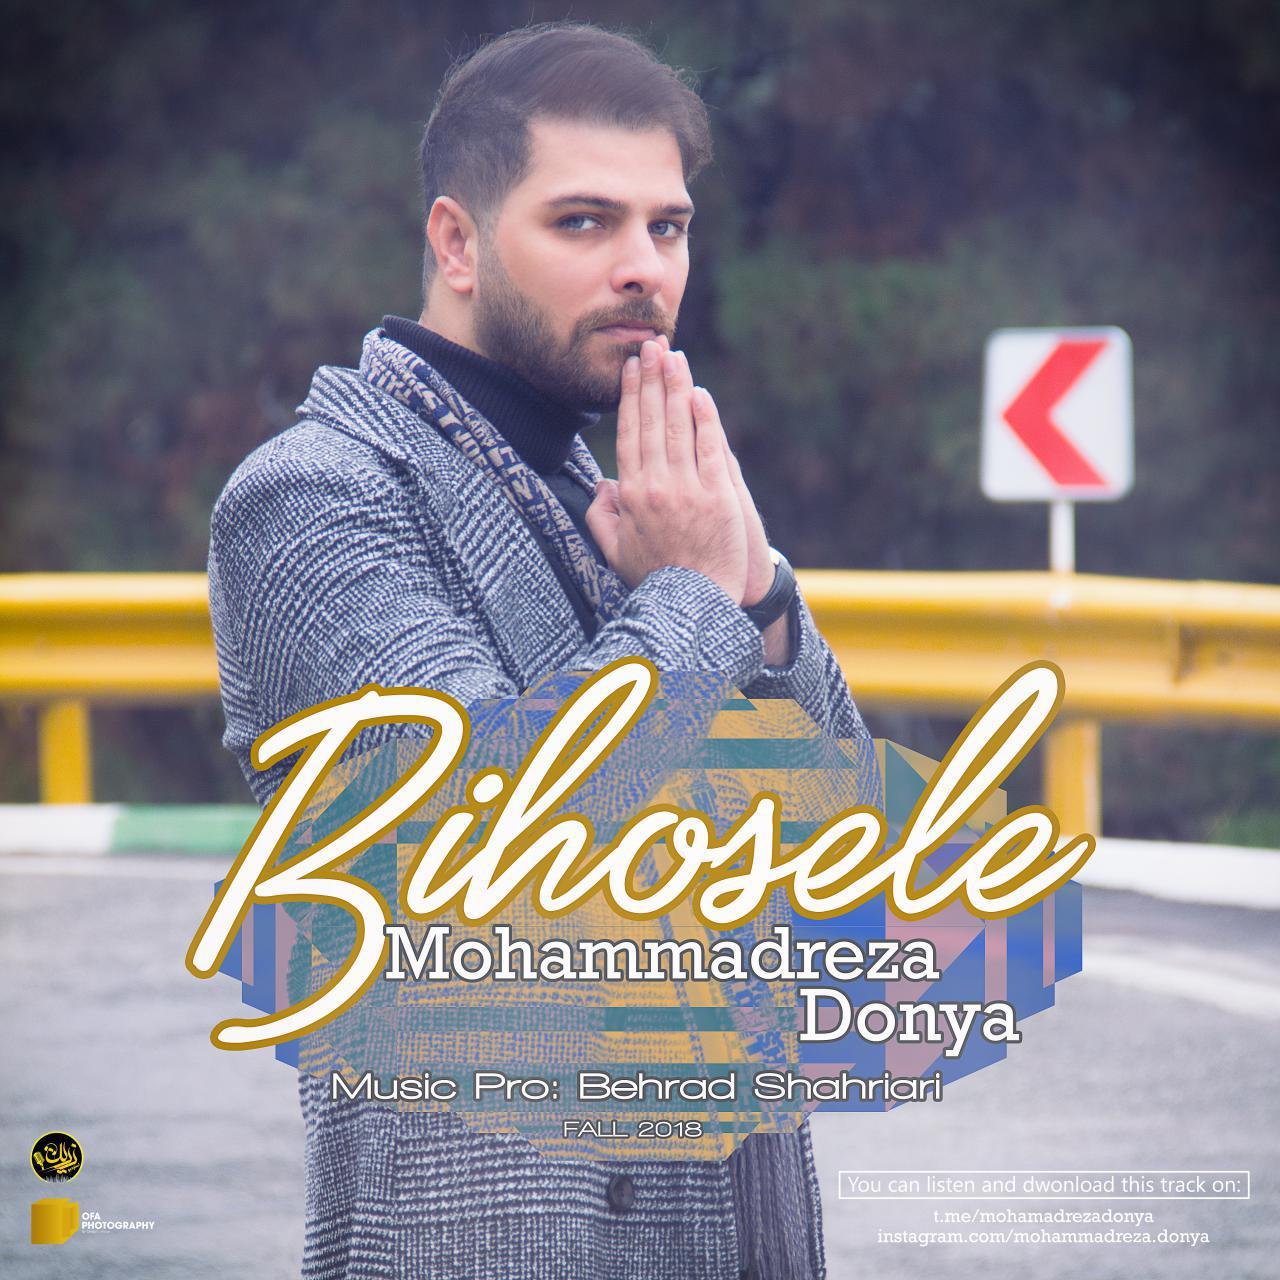 محمدرضا دنیا به نام بی حوصله